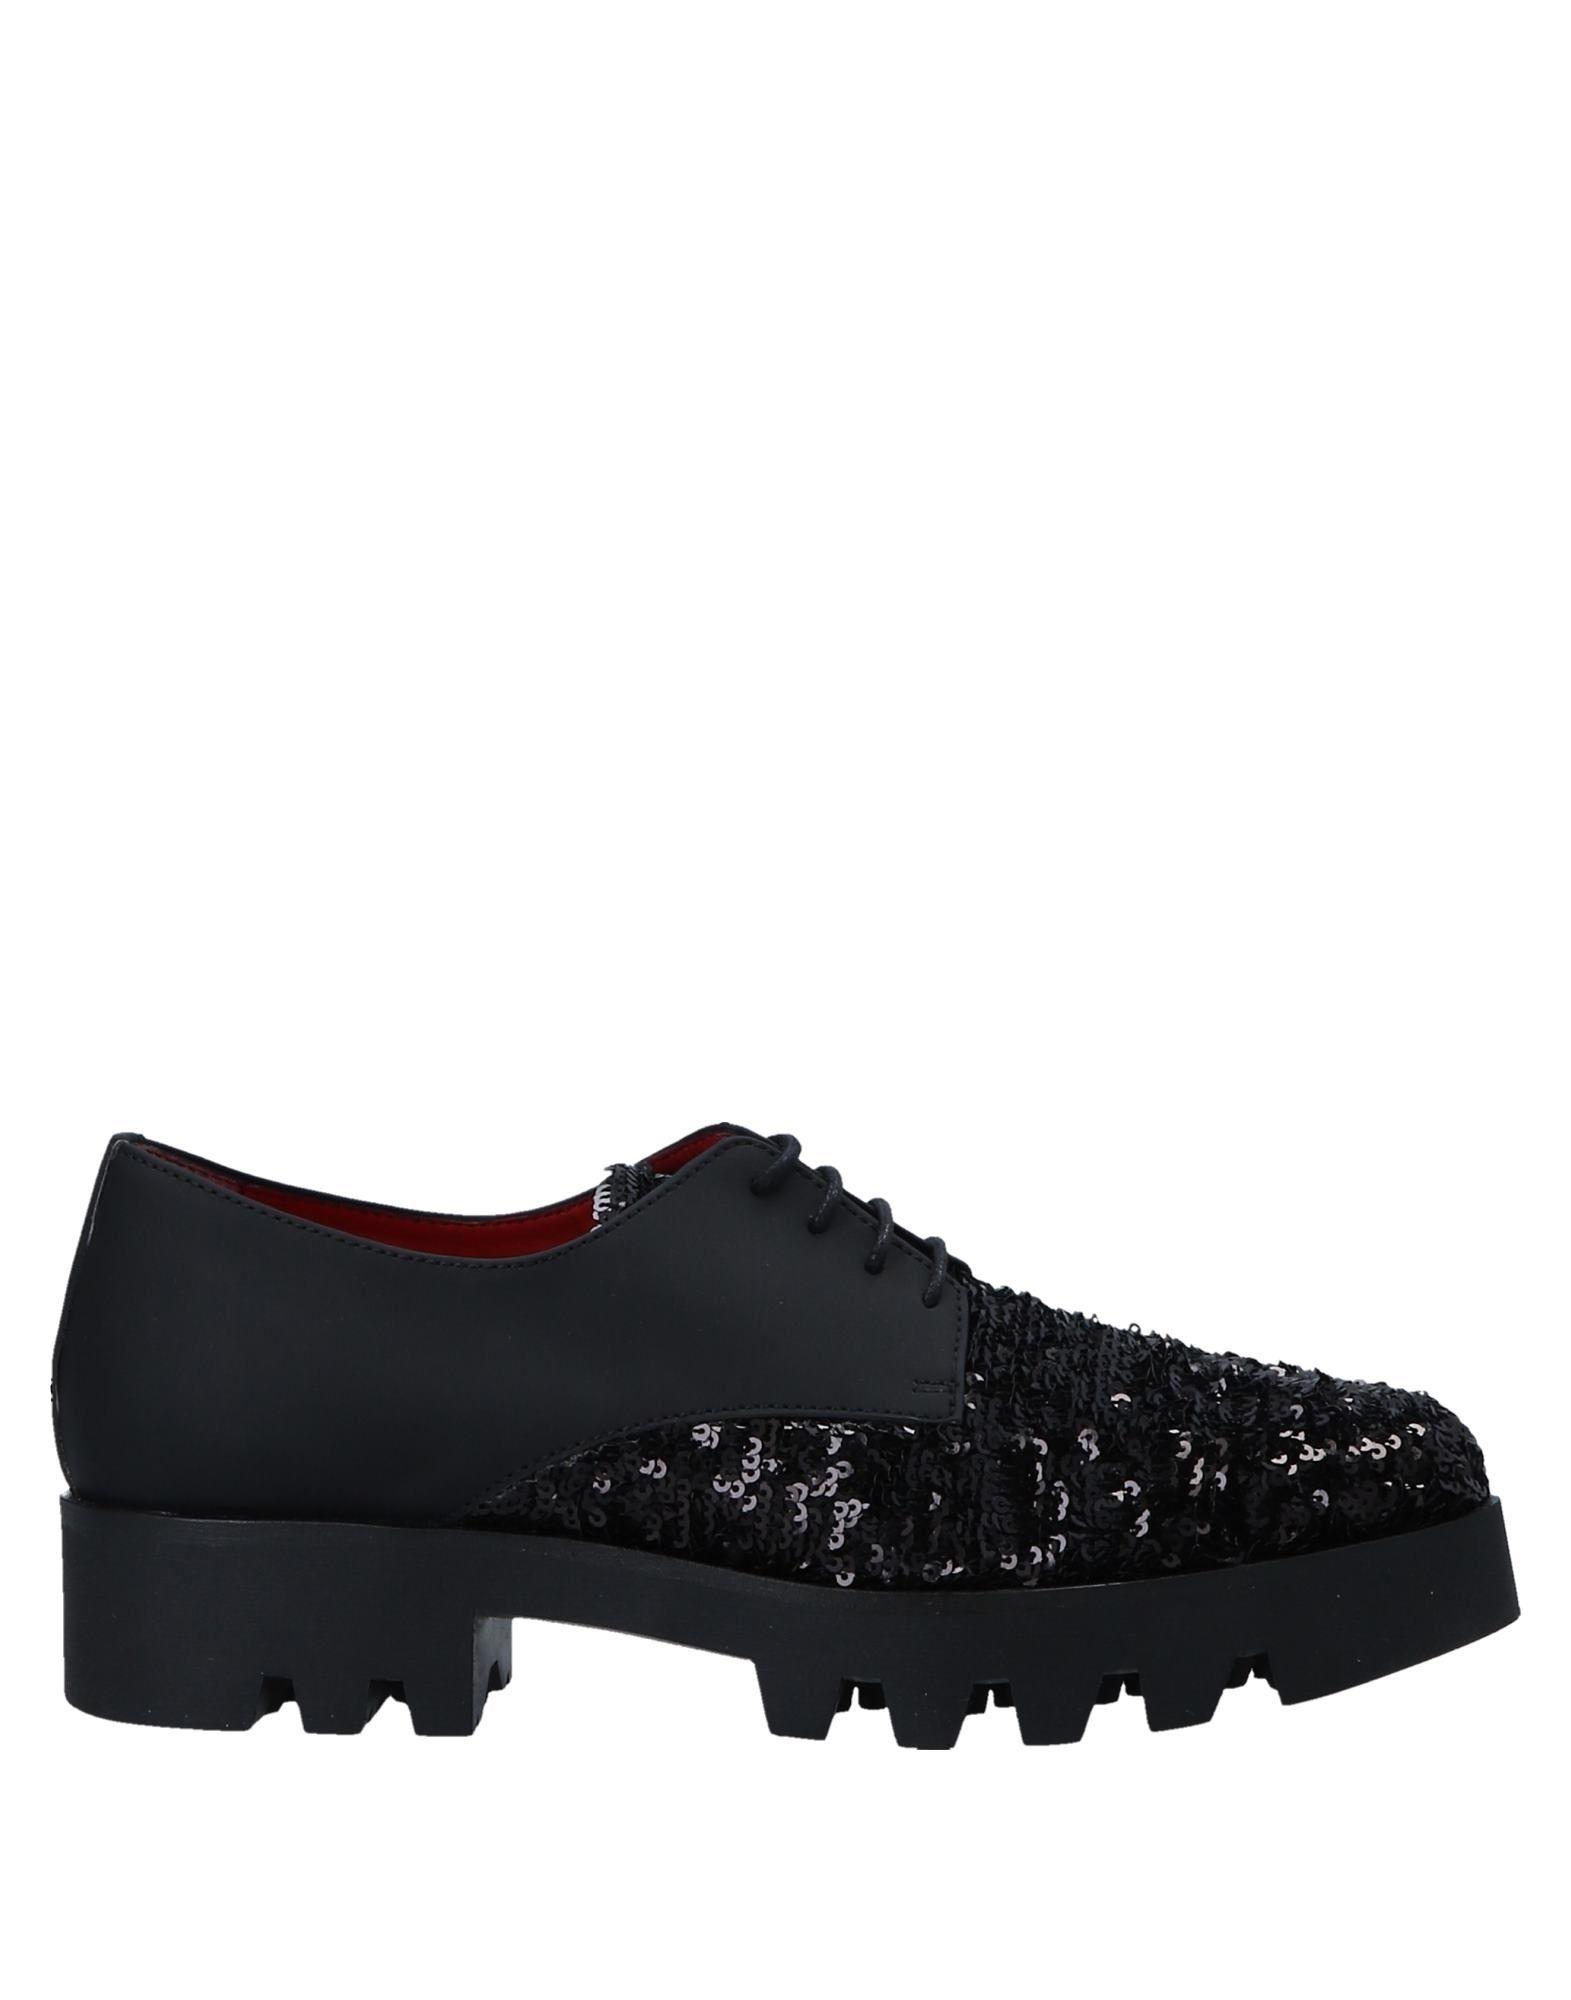 Gut um billige Chic Schuhe zu tragenLe Bon Chic billige Schnürschuhe Damen  11556733DW 18f94a